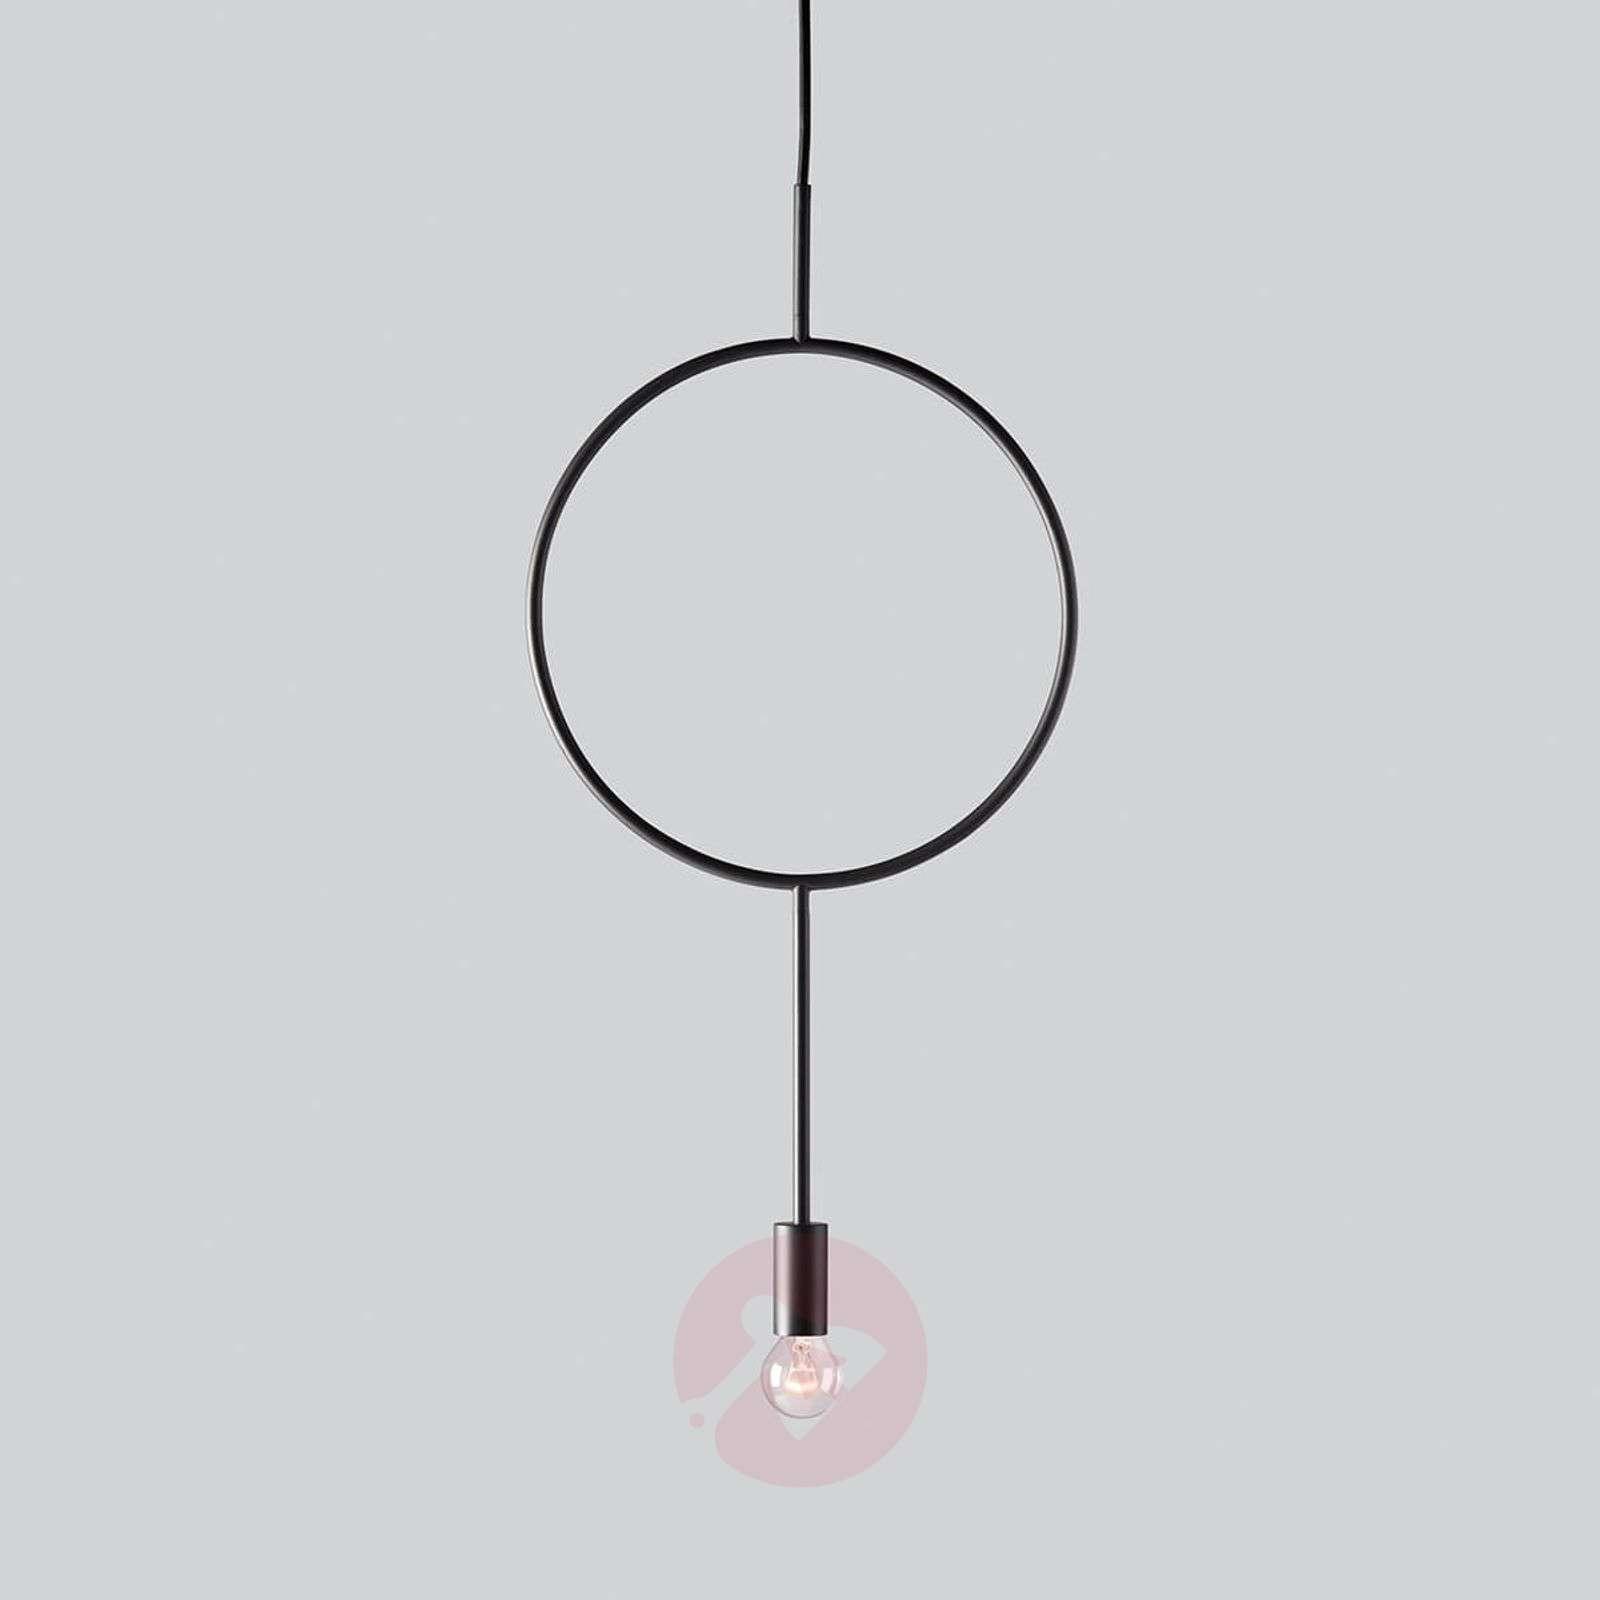 Extravagant designer hanging light Circle-7013098-01